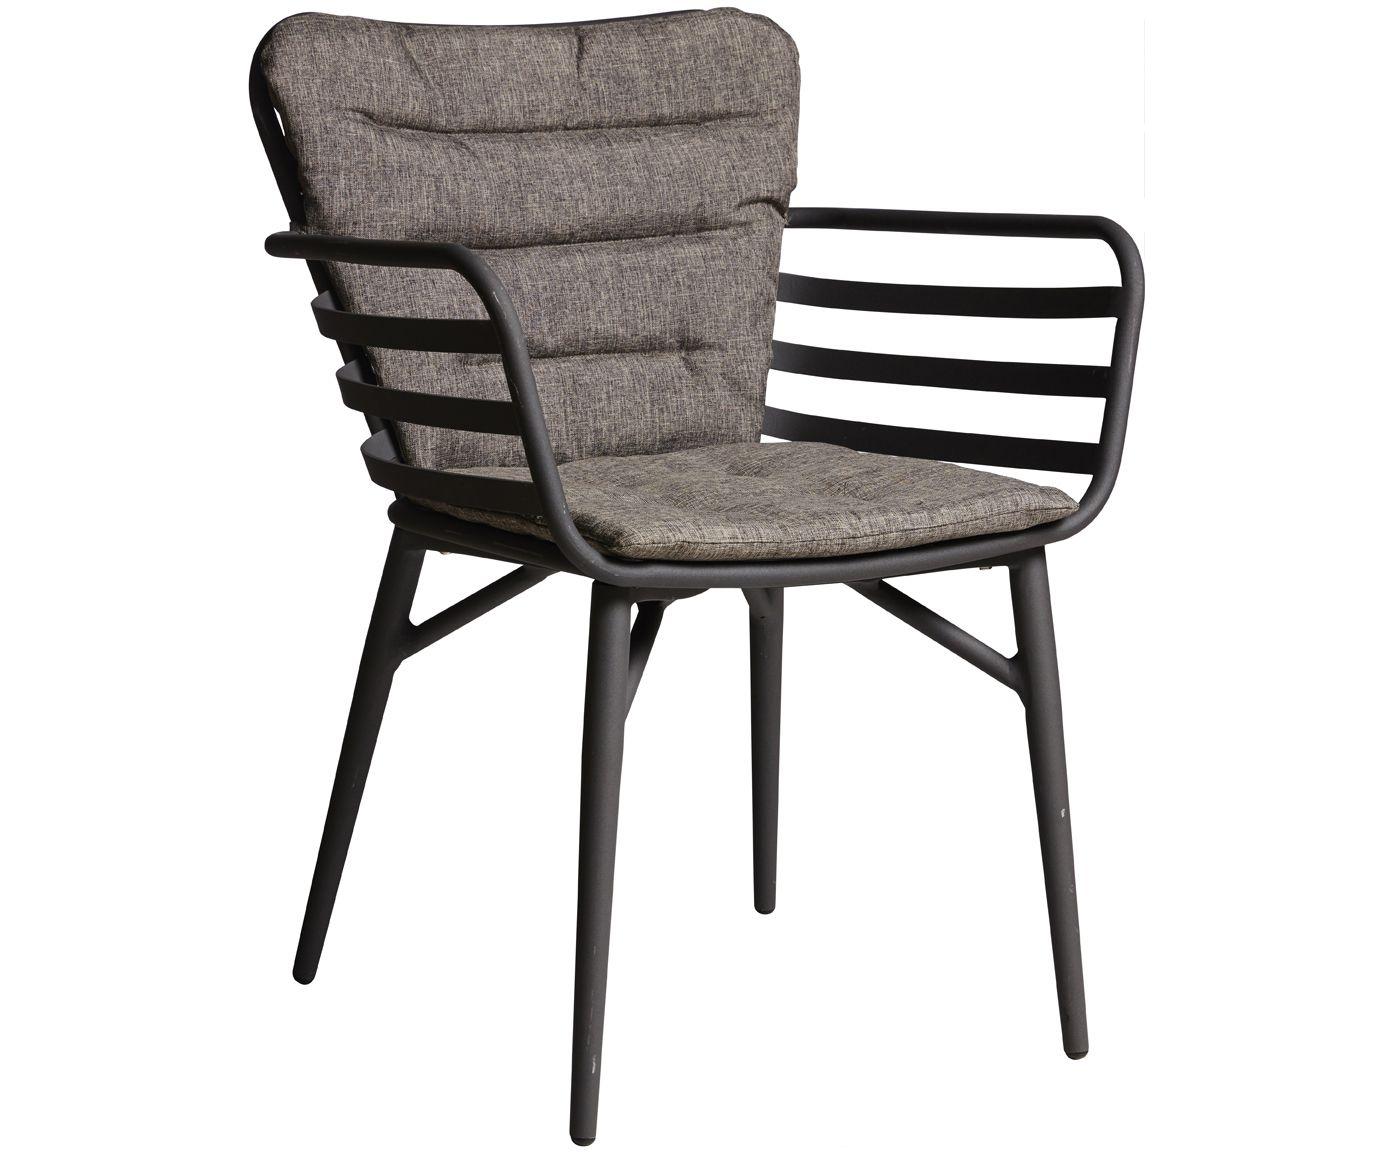 Gartenstuhl Wifi Aus Metall In Grau Westwingnow Gartenstuhle Stuhle Terrassen Stuhle